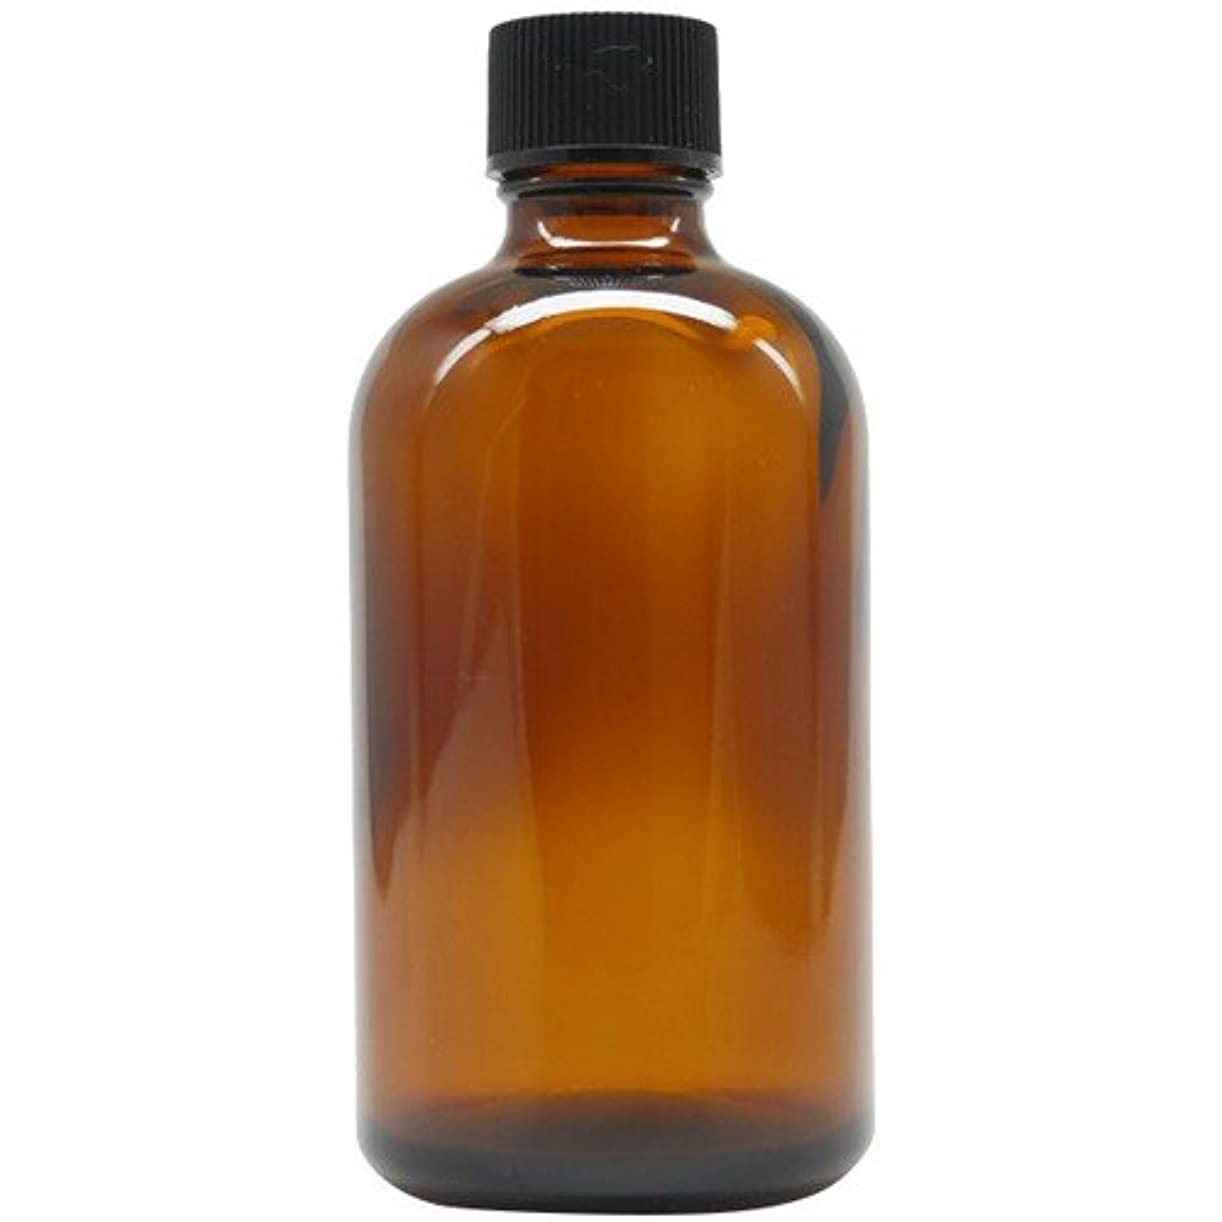 アロマアンドライフ (D)茶瓶中止栓100ml 3本セット